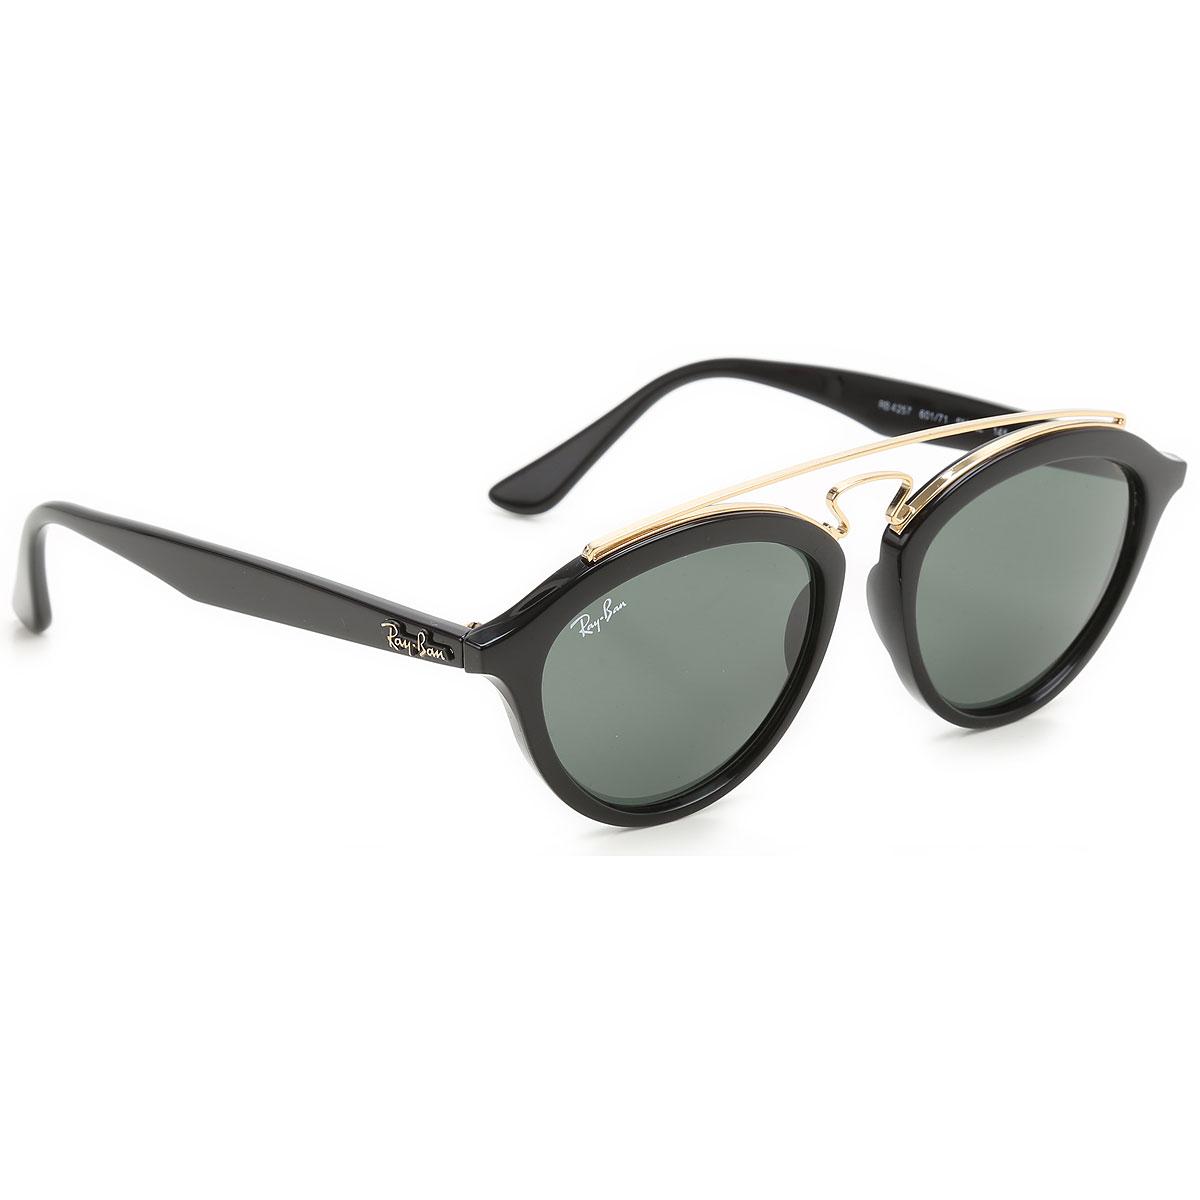 Ray Ban Sunglasses On Sale, 2017 USA-363241